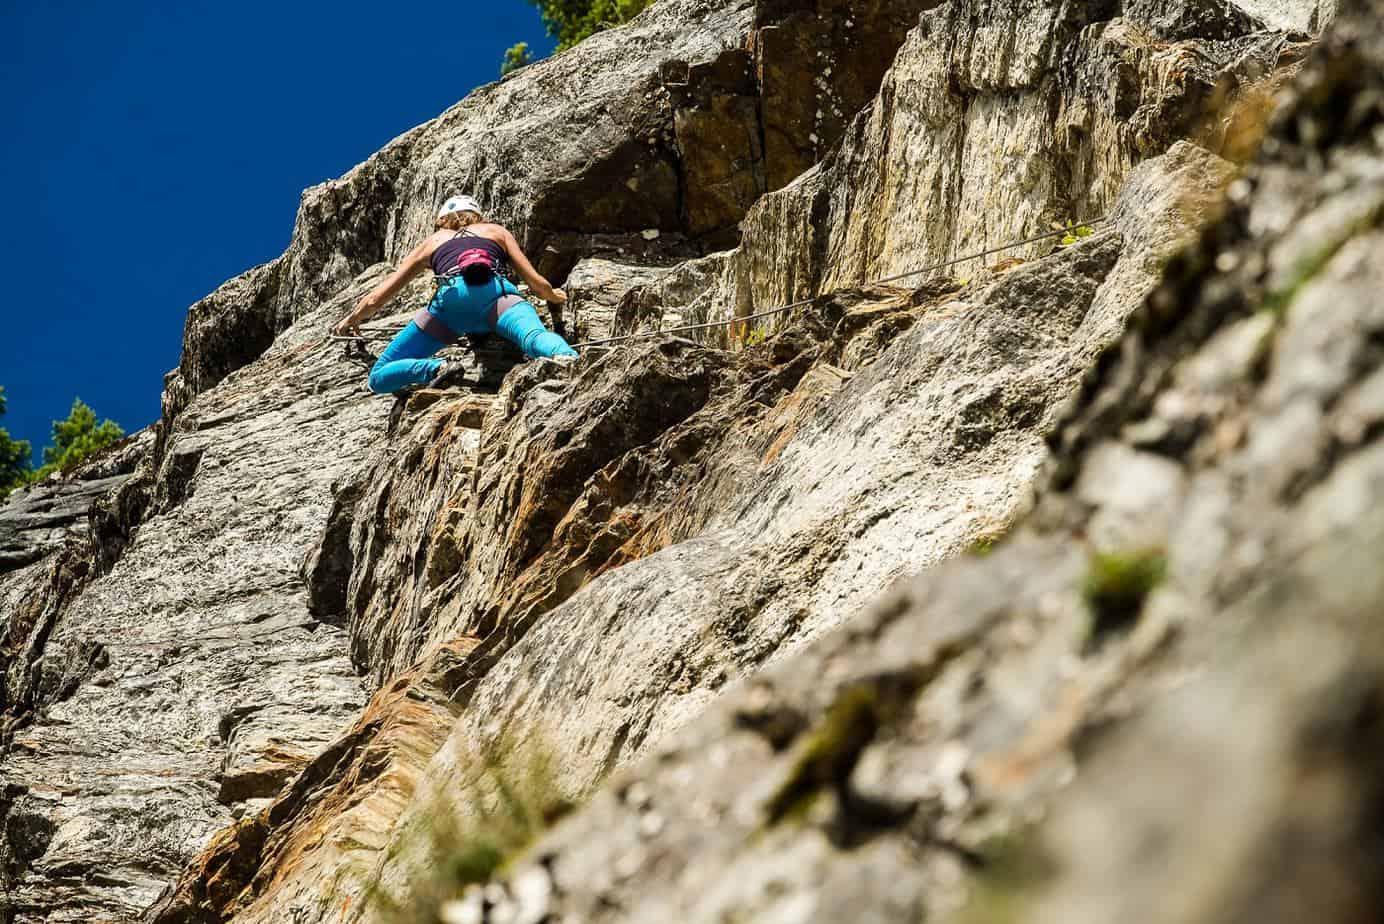 Female climber ascending rock near Revelstoke